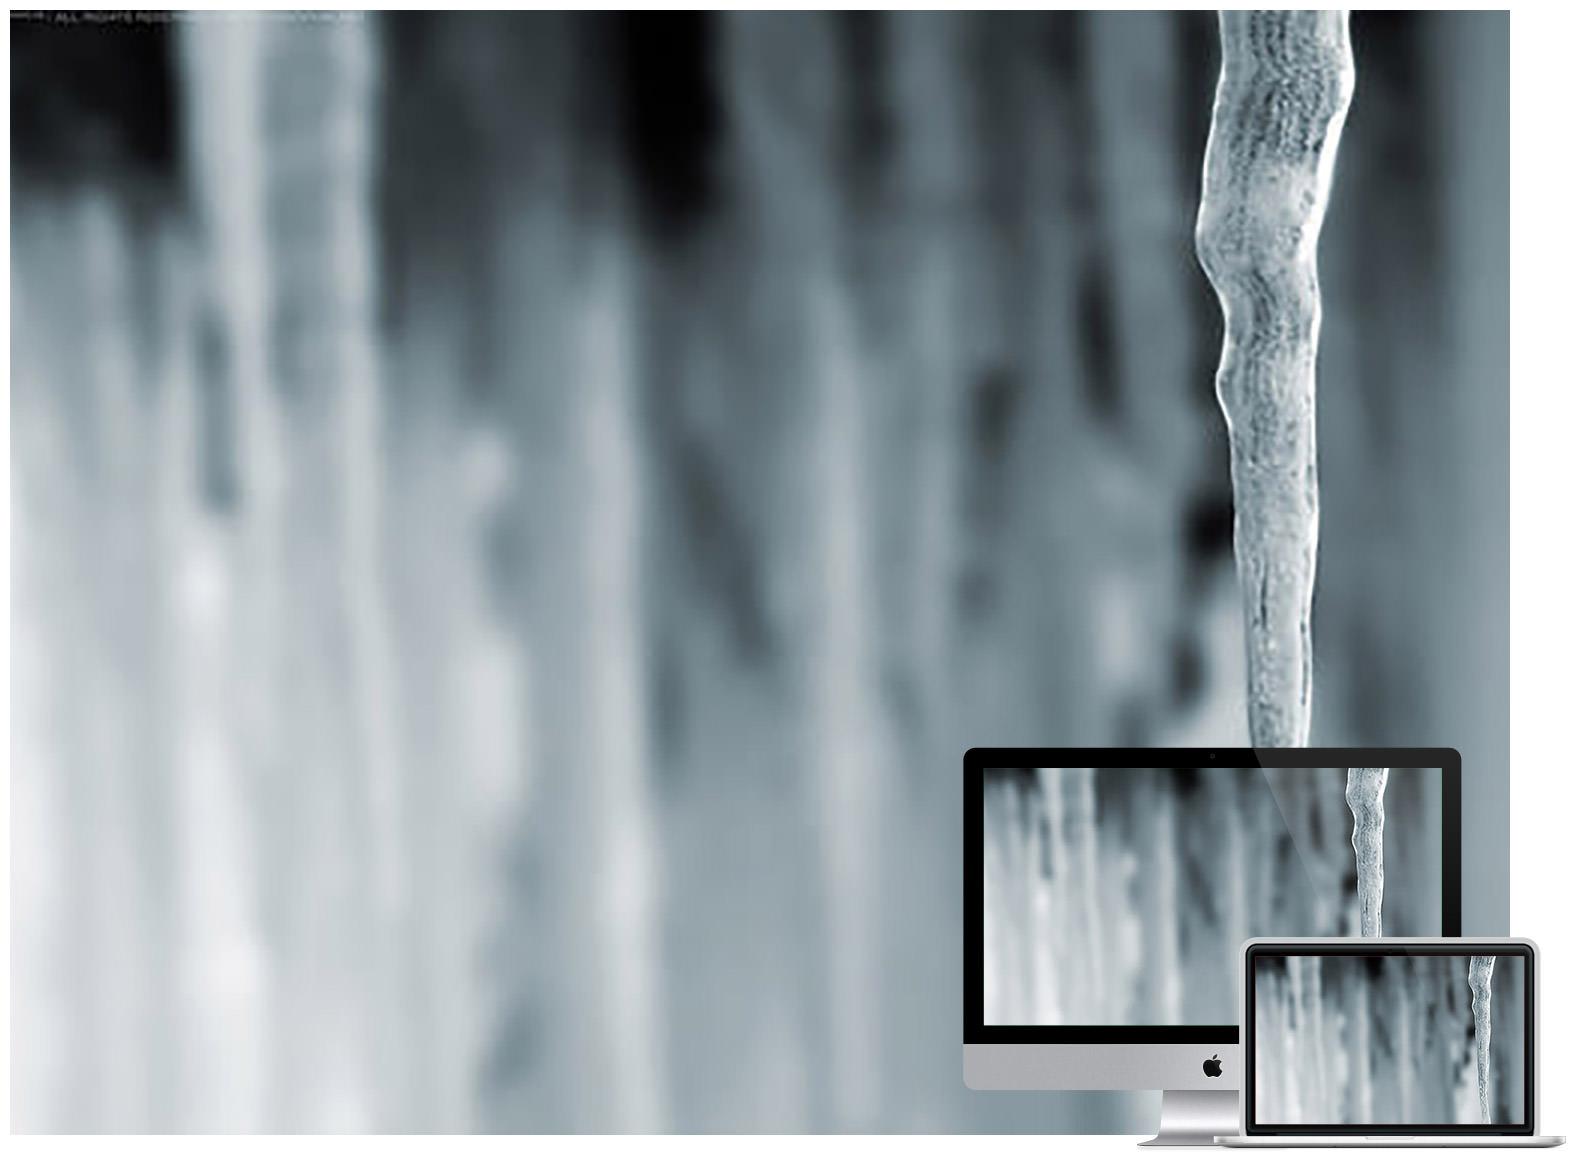 winters greetings - Bộ ảnh nền mùa Đông đẹp dành cho máy tính